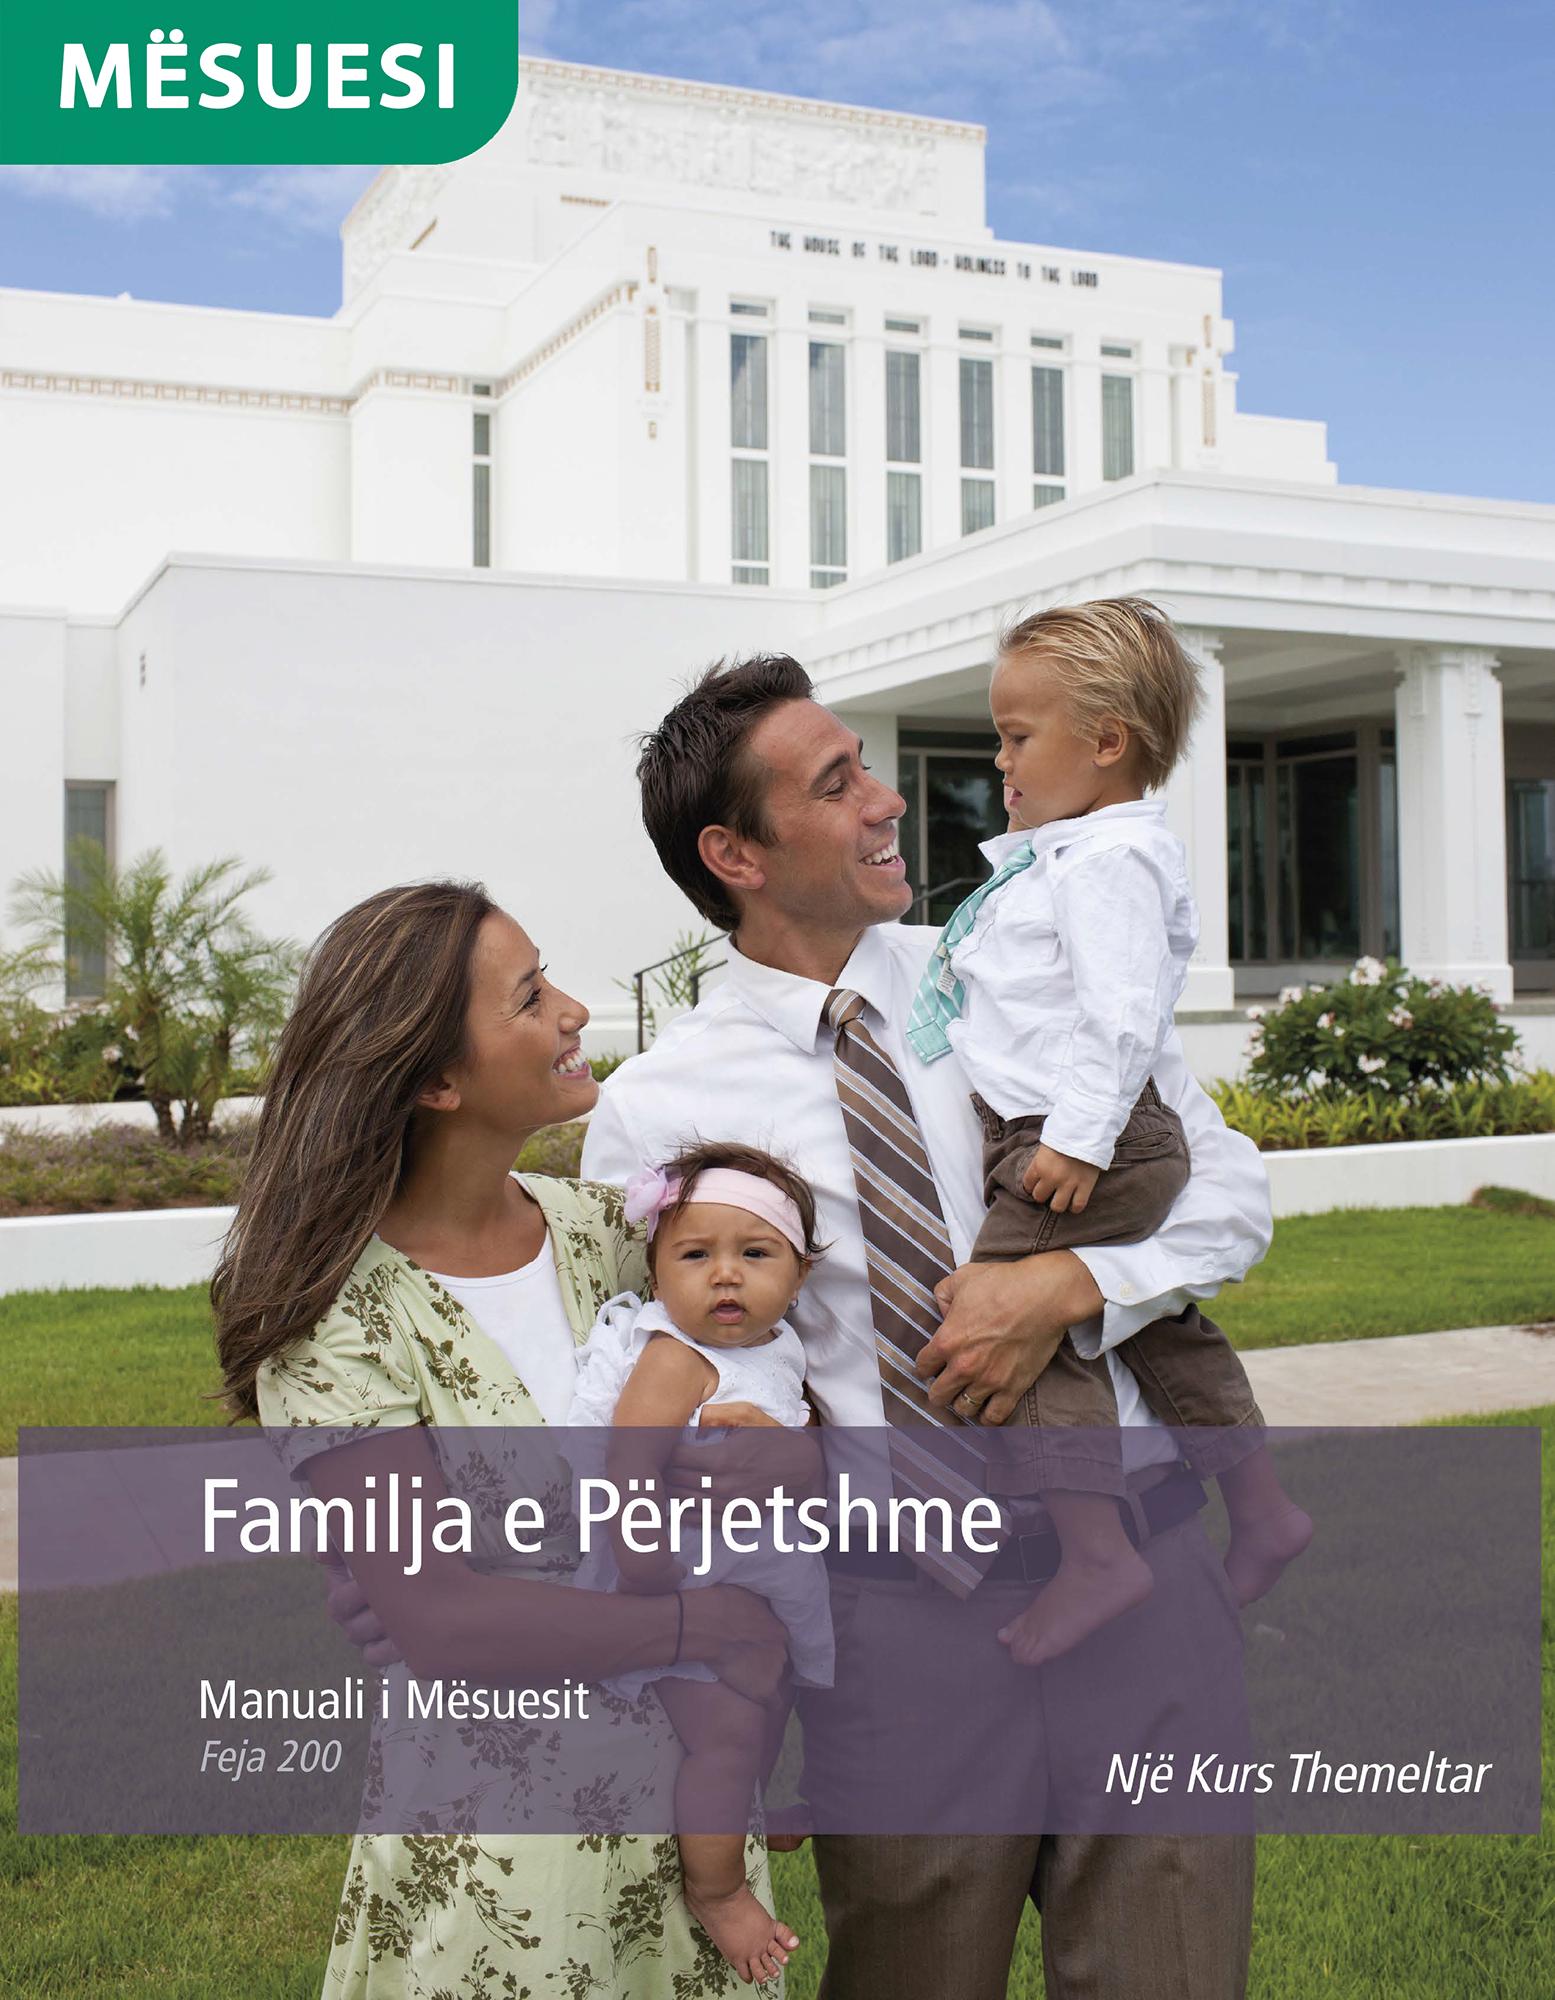 Manuali i Mësuesit – Familja e Përjetshme (Feja 200)